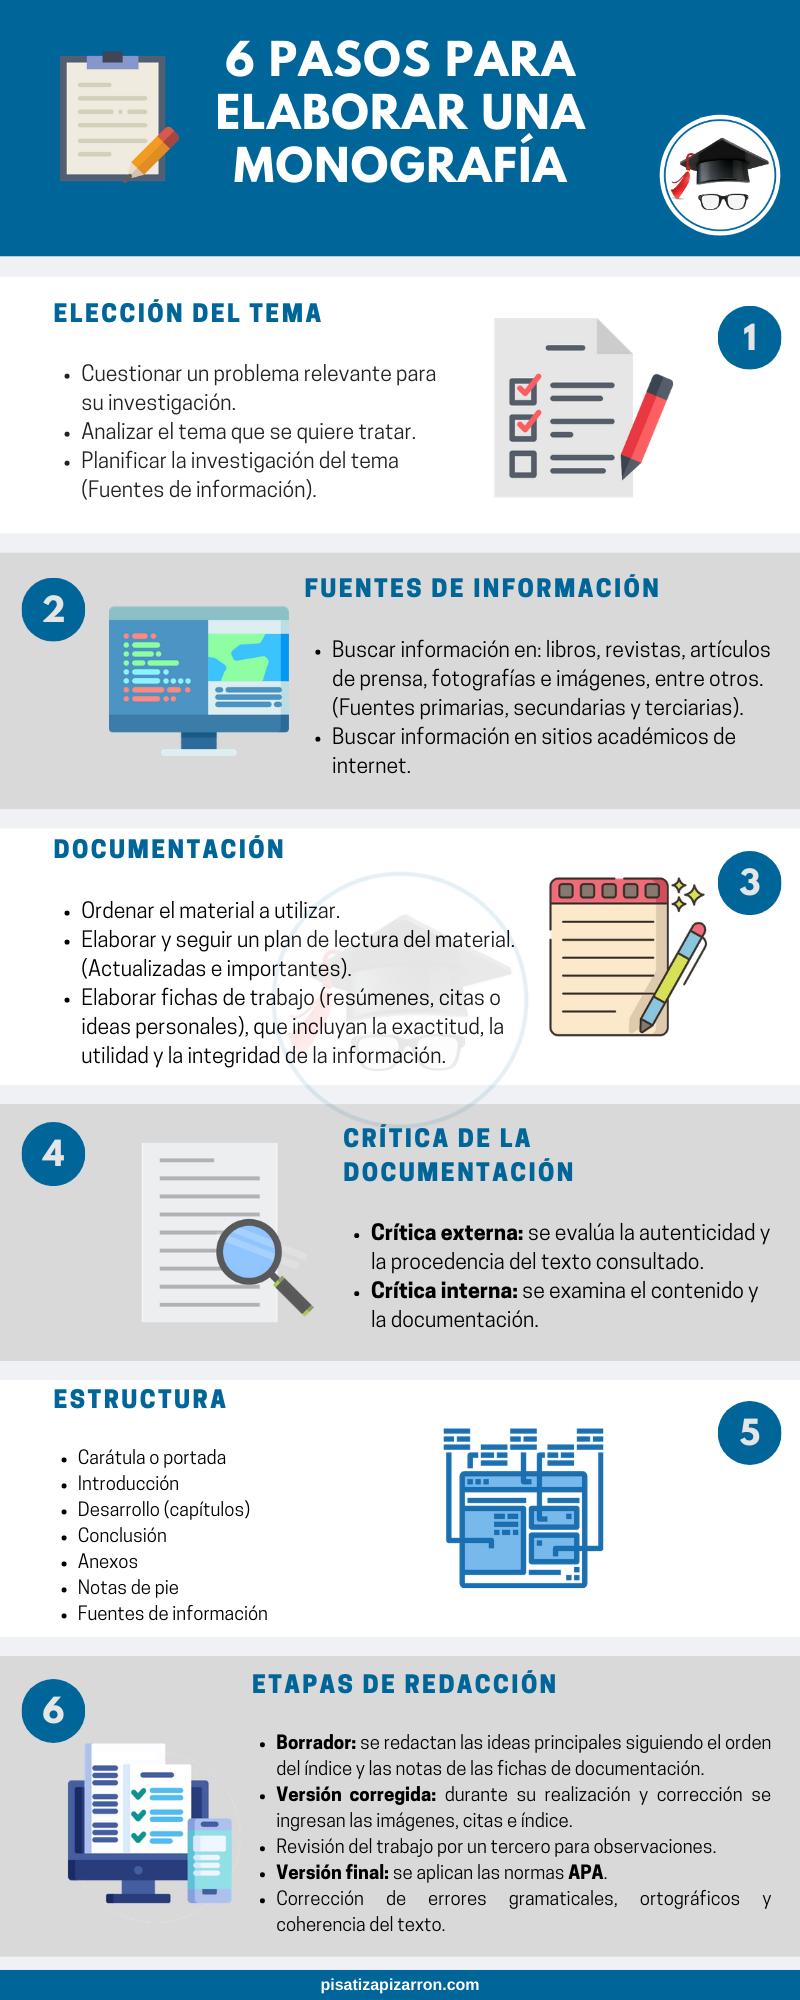 como-hacer-una-monografia-escuelas-en-cancun-6-pasos-para-hacer-una-monografia